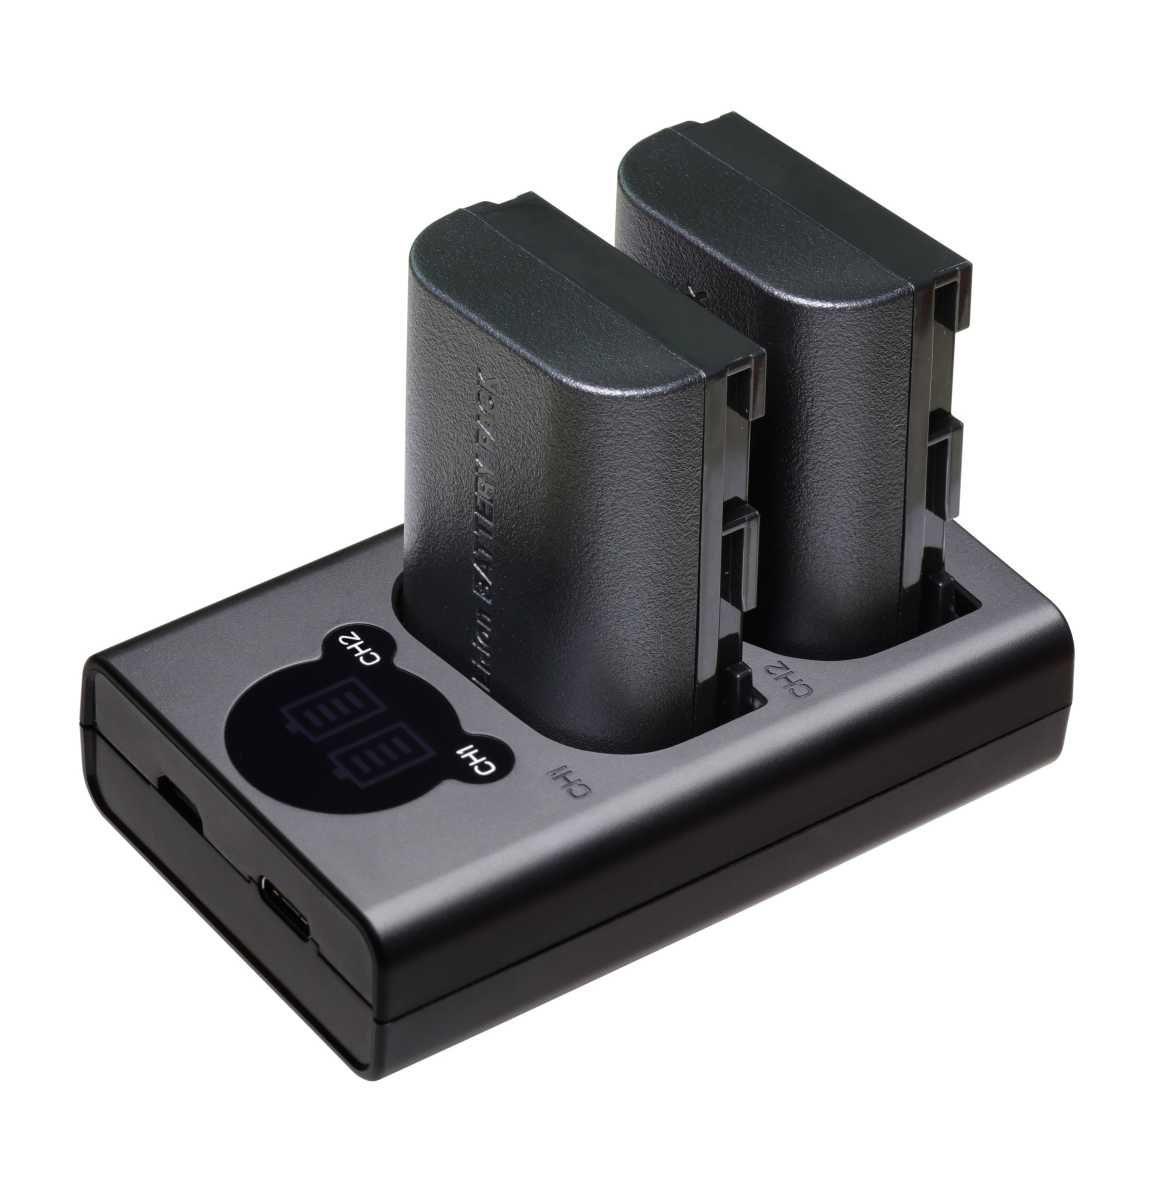 2 Baterias + Carregador Duplo FW50 para Sony